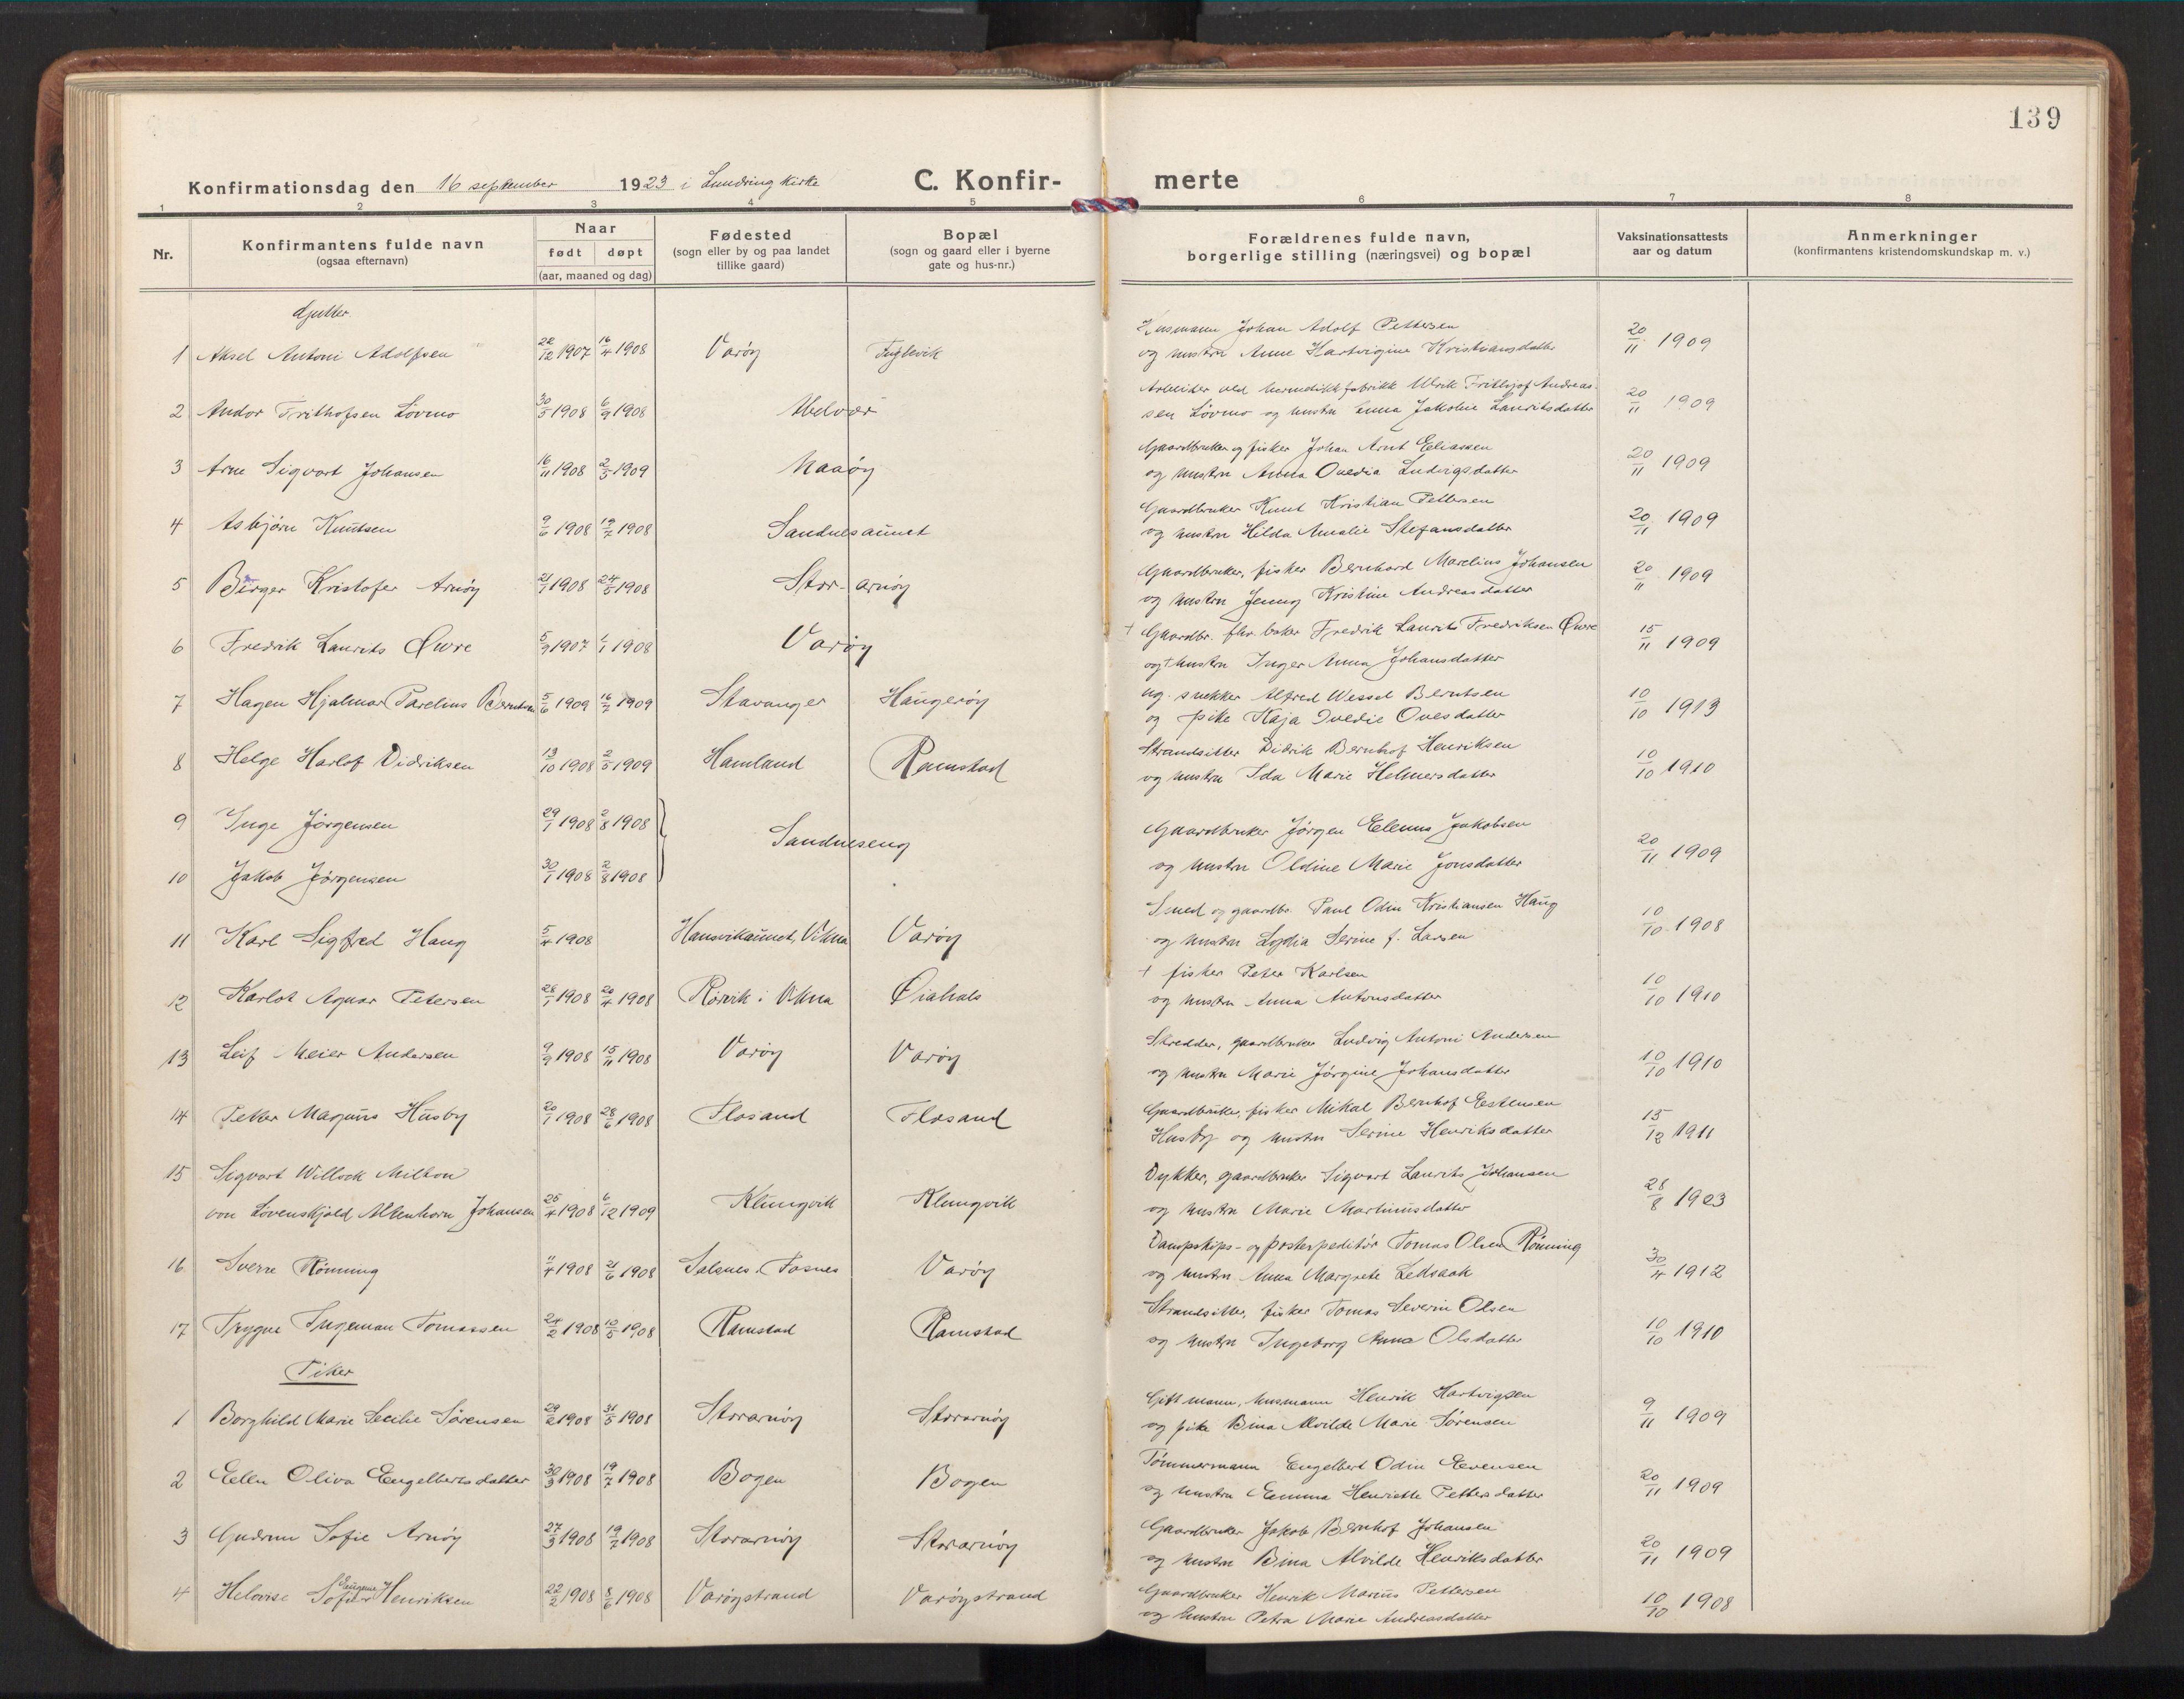 SAT, Ministerialprotokoller, klokkerbøker og fødselsregistre - Nord-Trøndelag, 784/L0678: Ministerialbok nr. 784A13, 1921-1938, s. 139